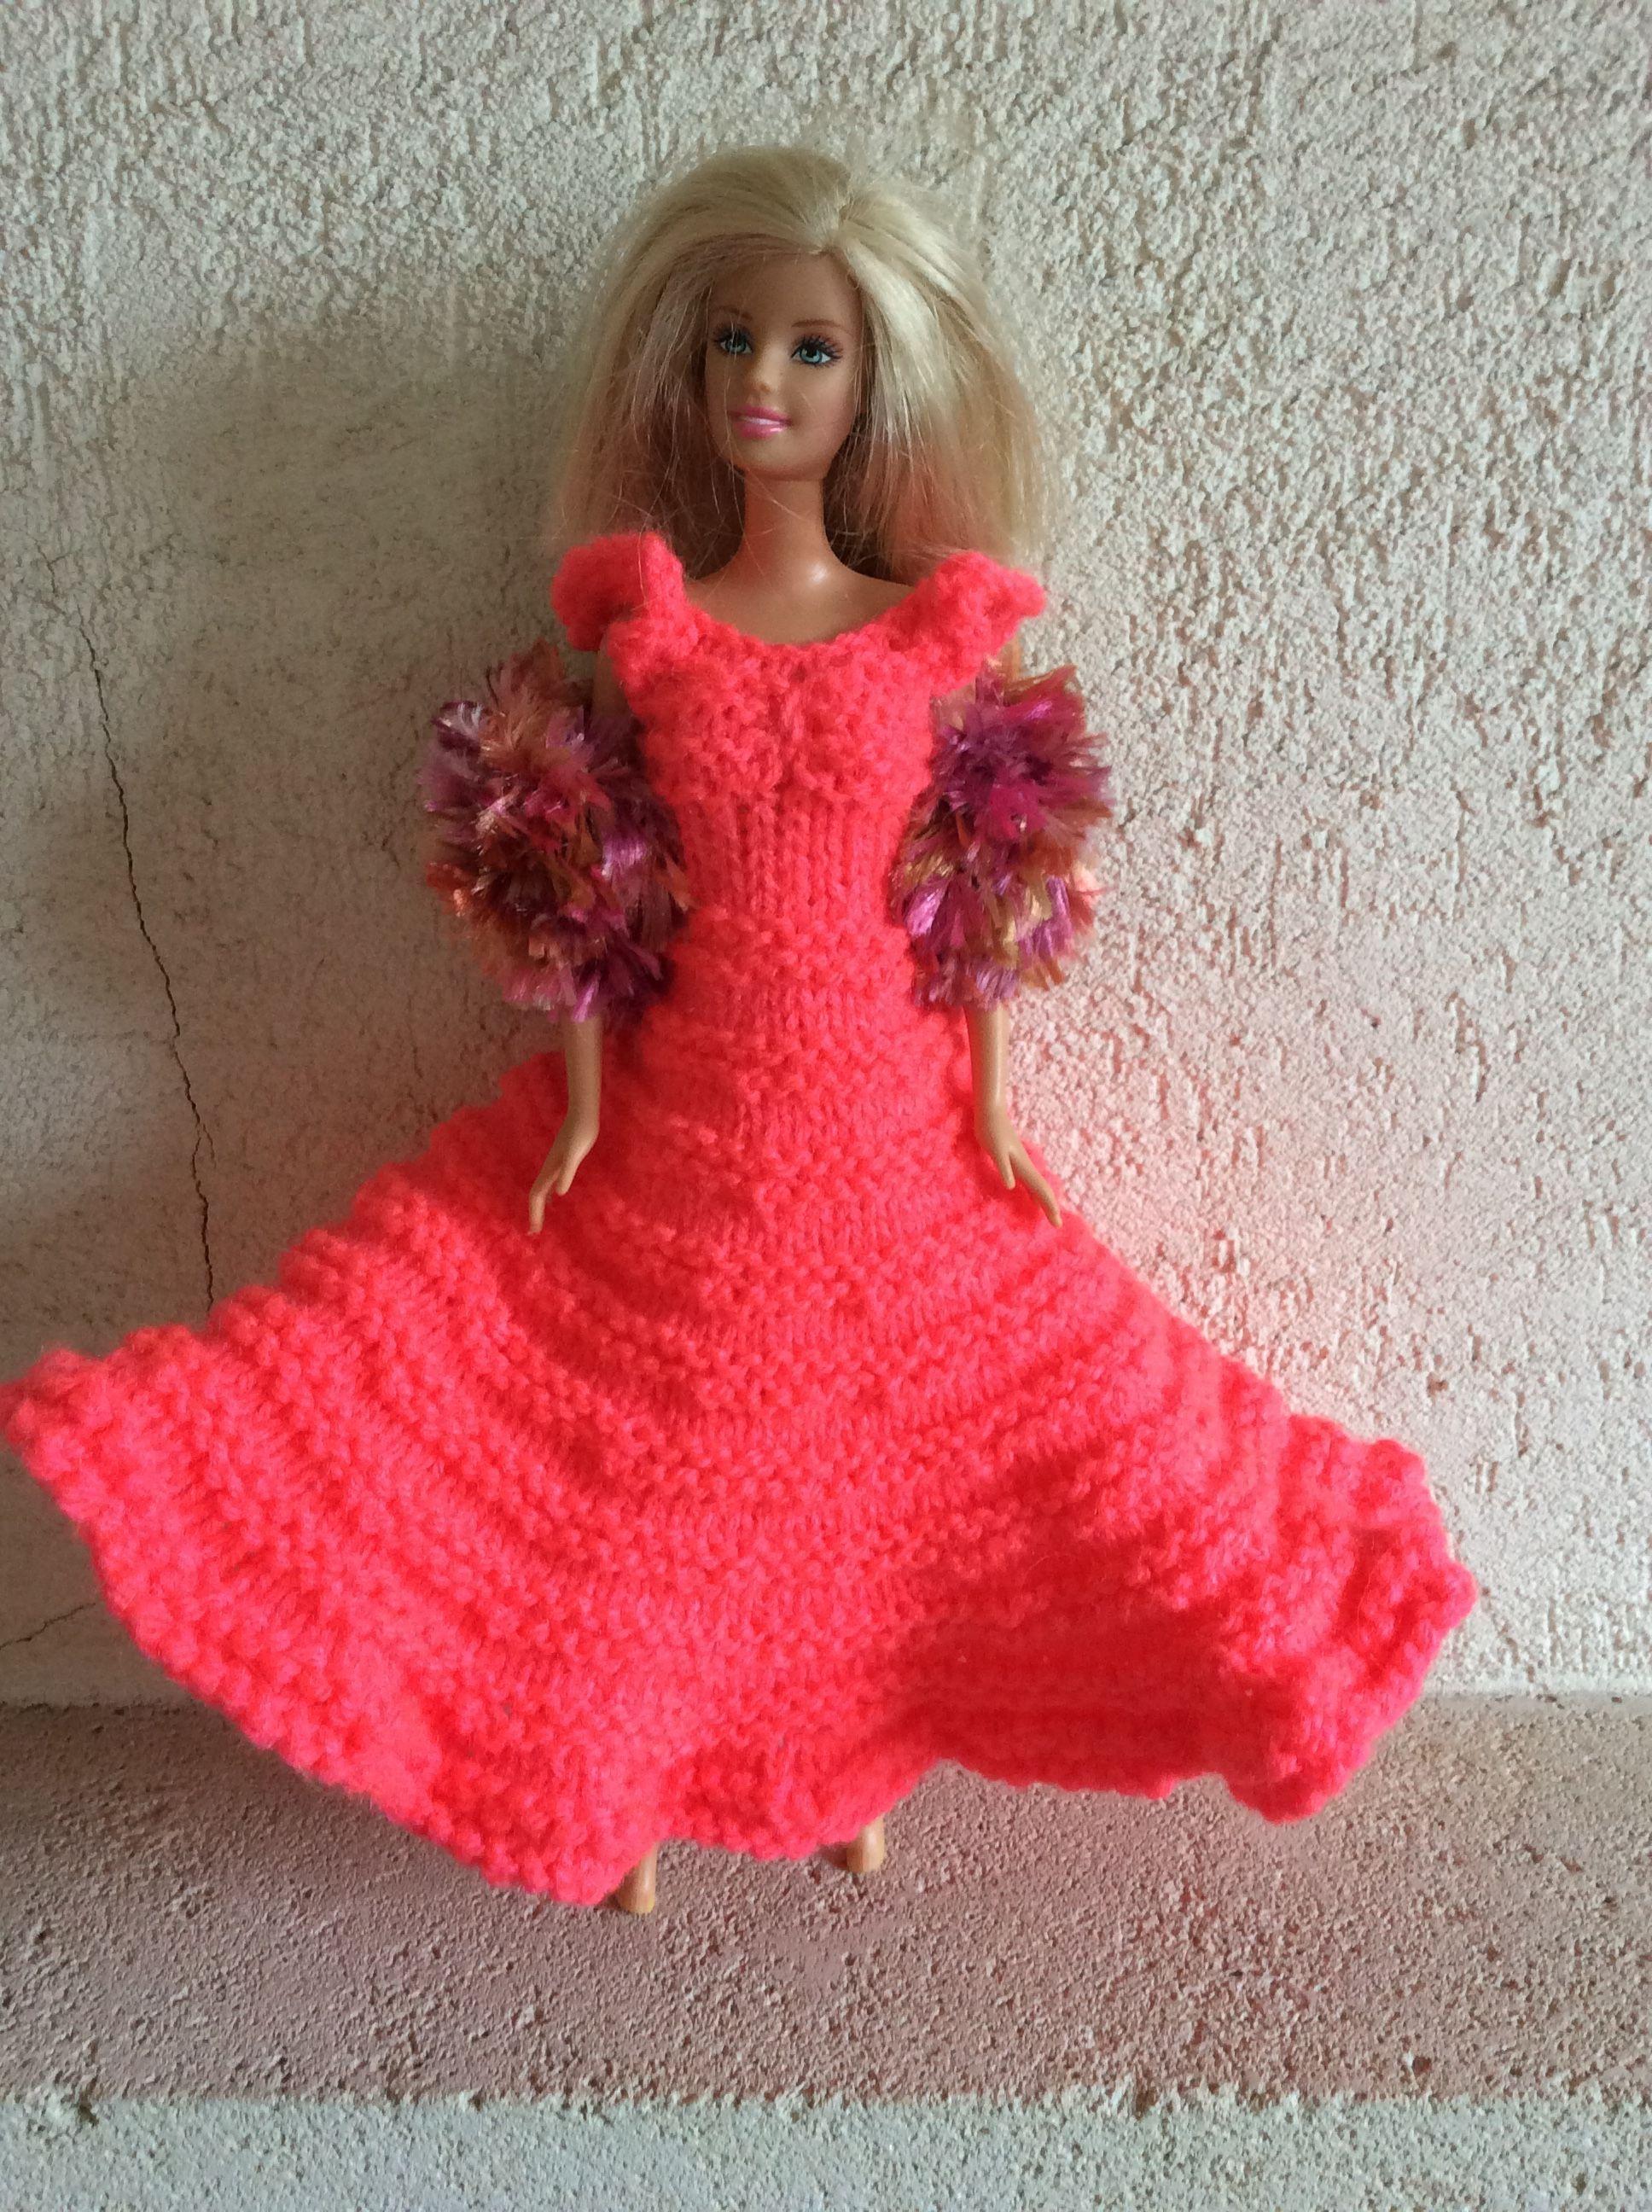 vetements pour poupee barbie fait main page 2. Black Bedroom Furniture Sets. Home Design Ideas